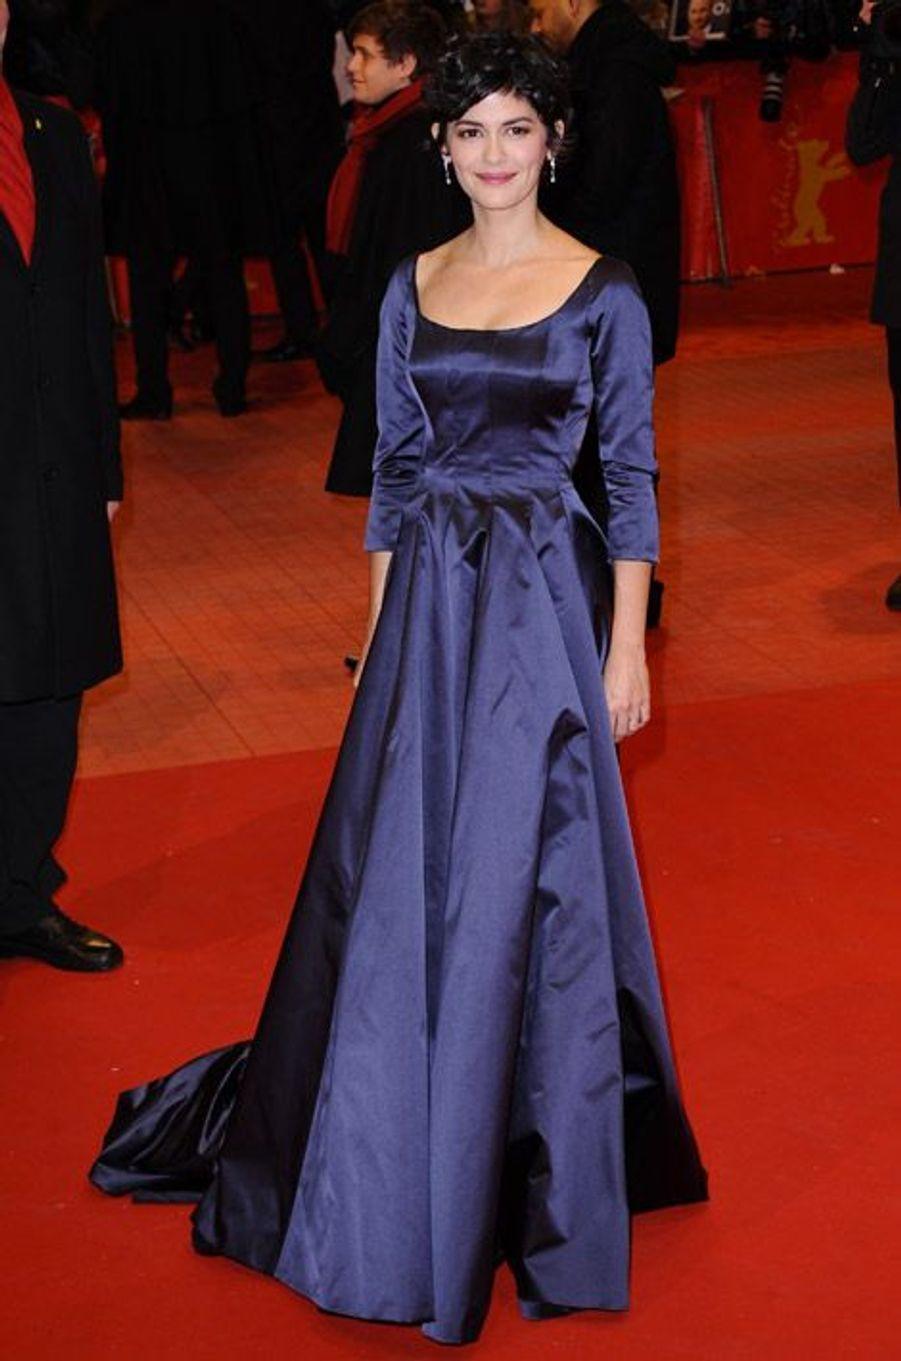 L'actrice Audrey Tautou en Prada lors du festival international du film de Berlin, le 5 février 2015